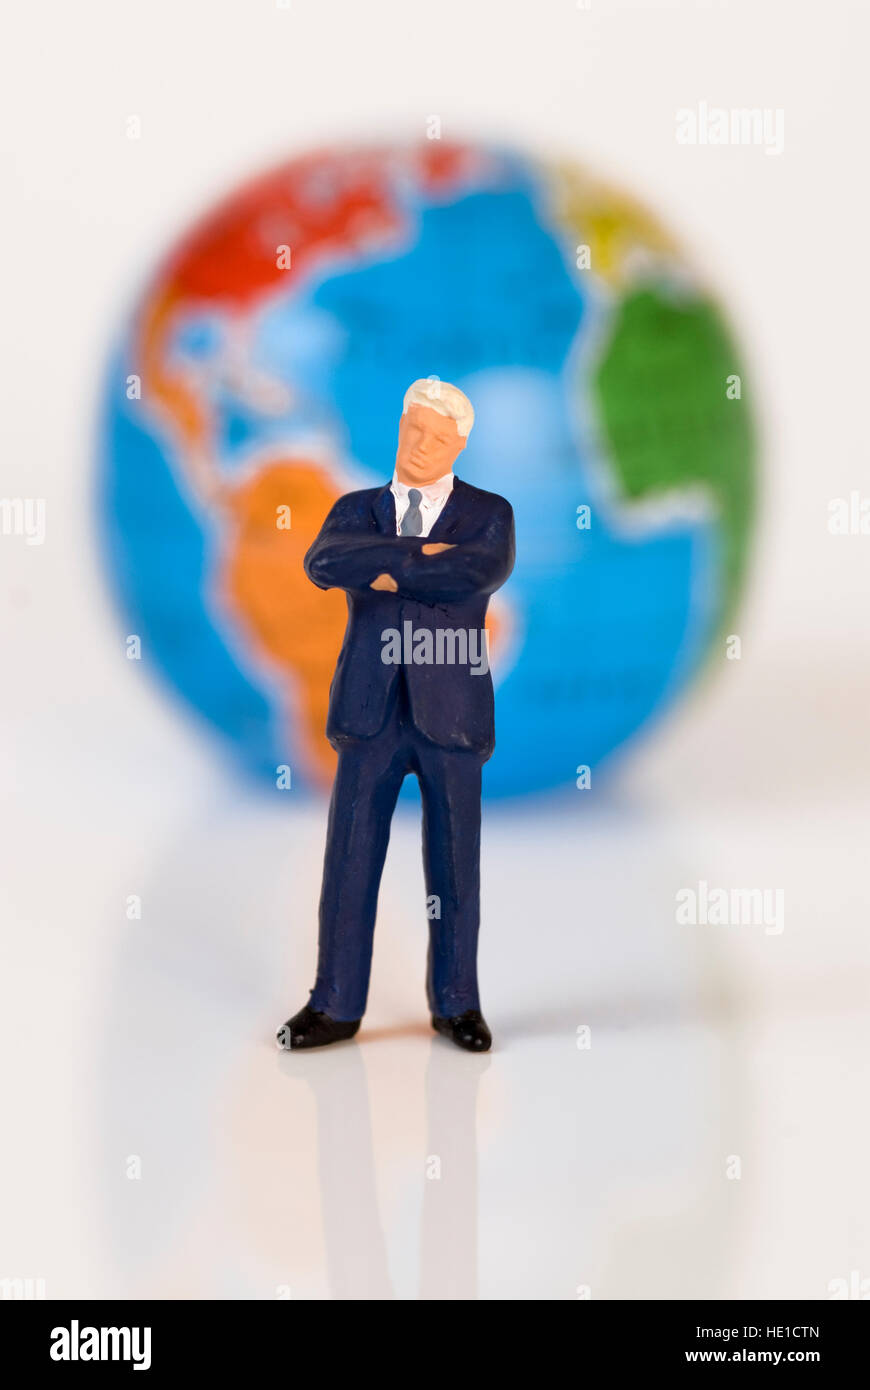 Symbolic picture, global economy, globalised business world - Stock Image